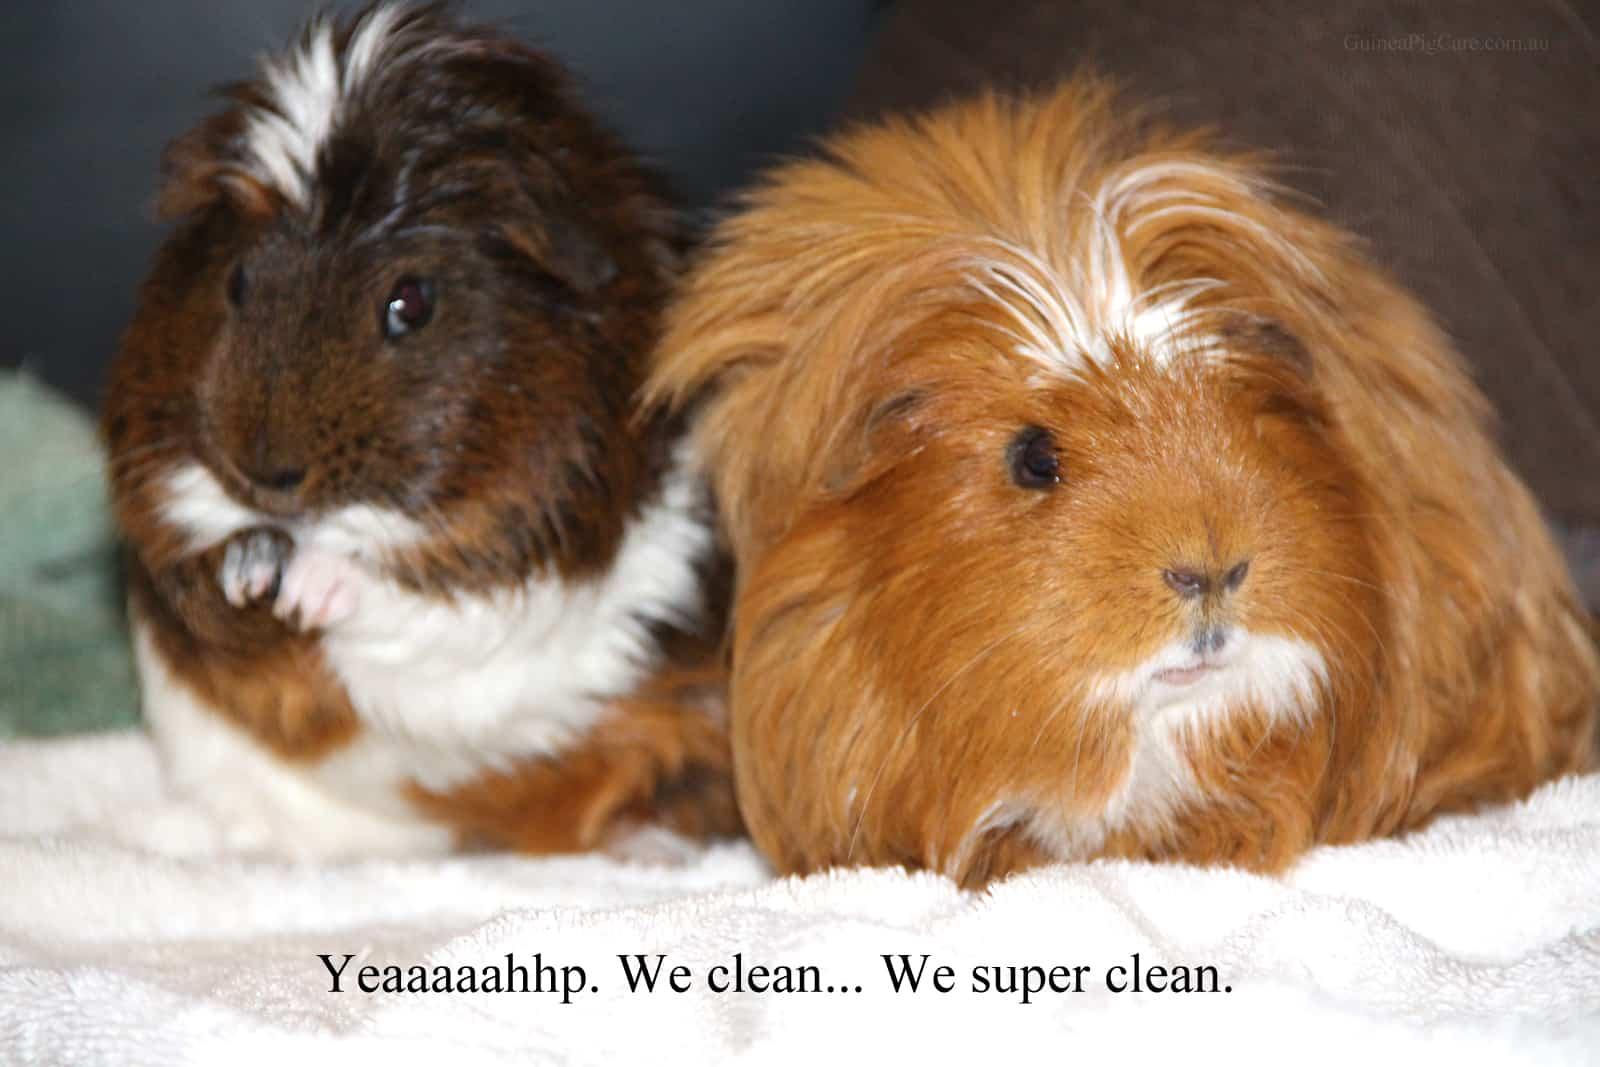 Super clean guinea pigs